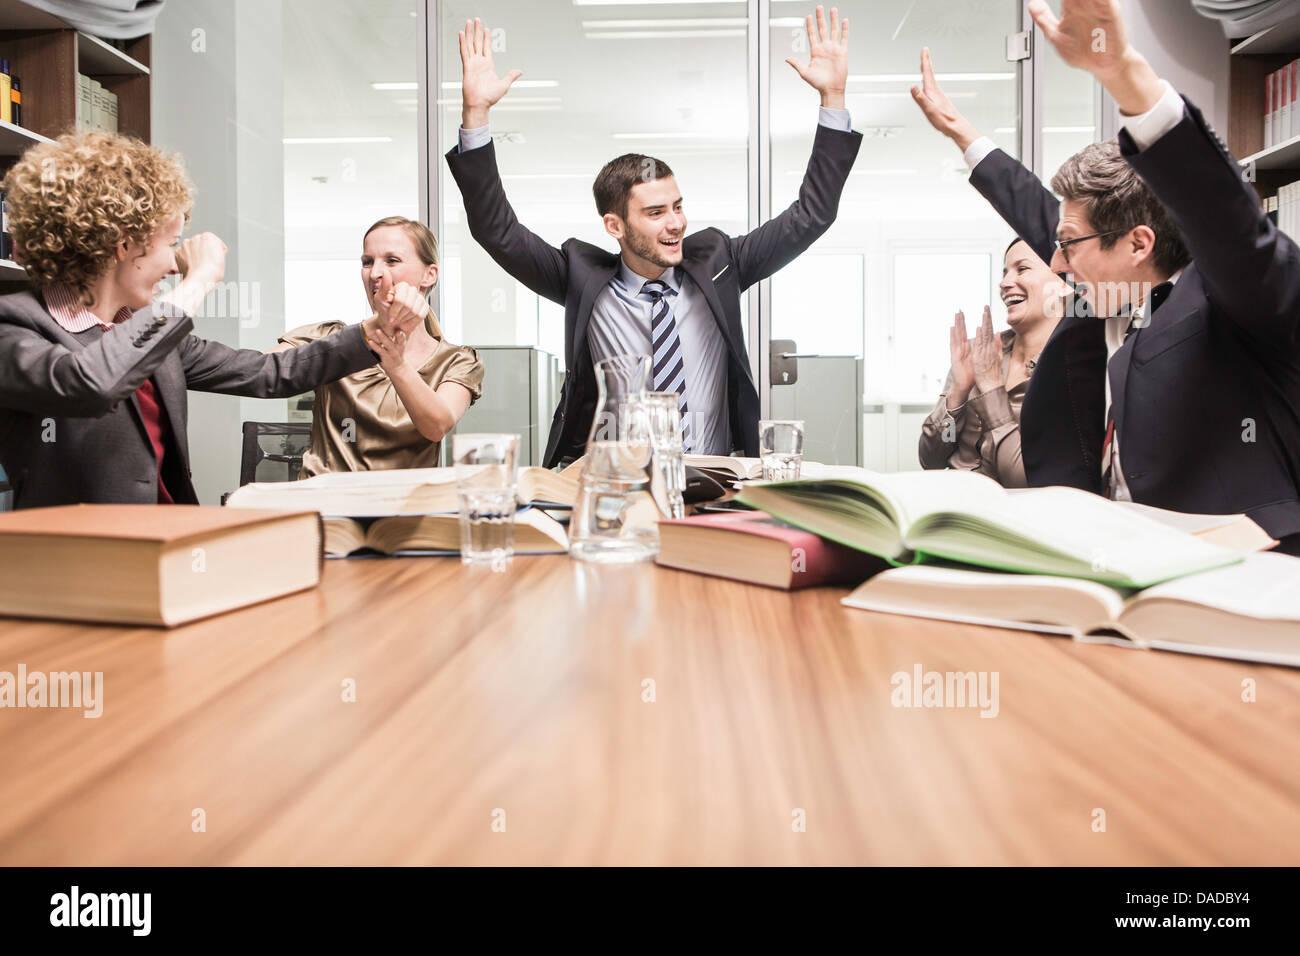 Los abogados vítores en reunión Imagen De Stock